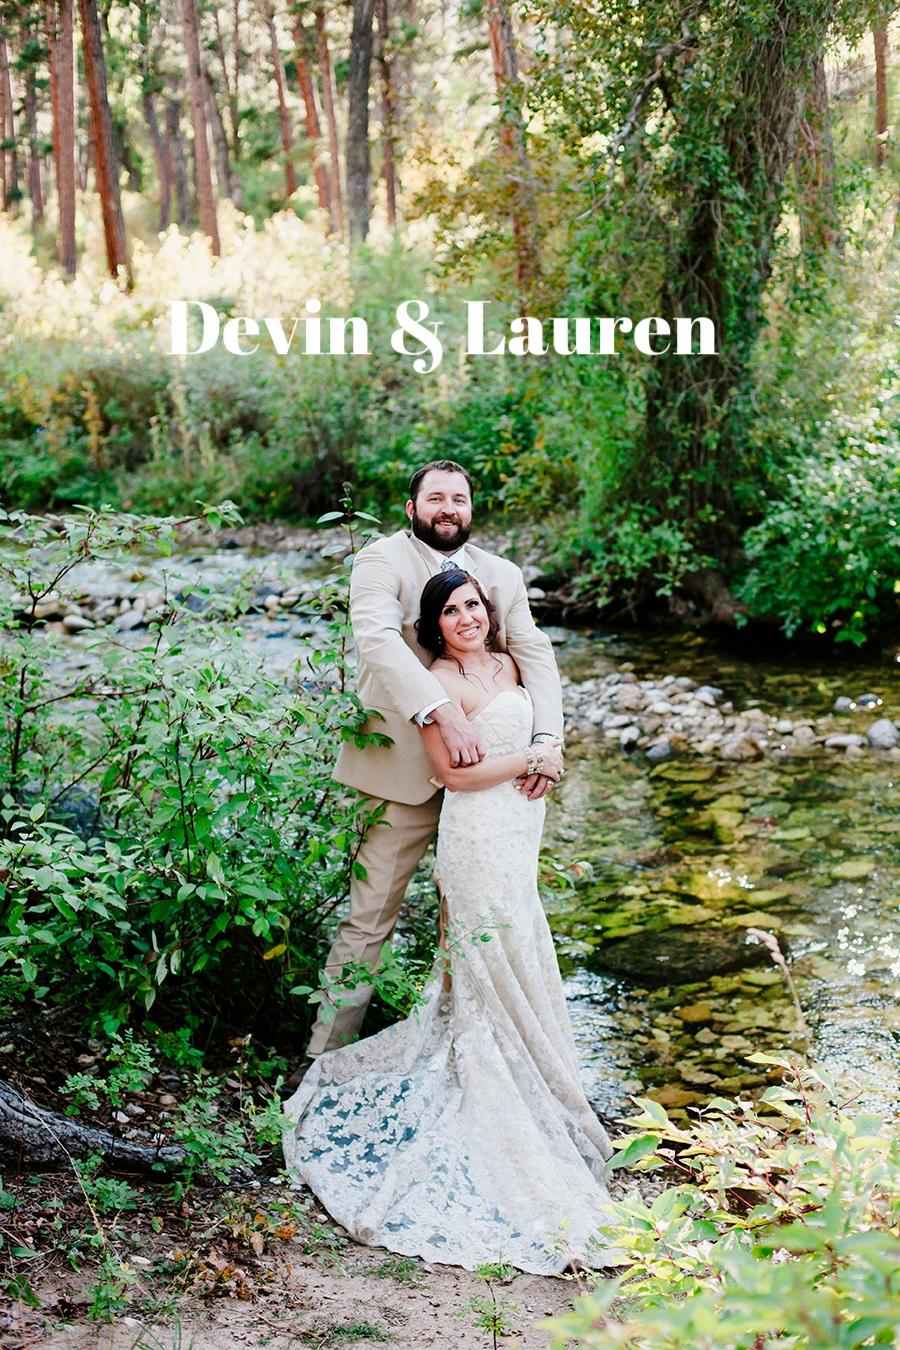 Devin & Lauren